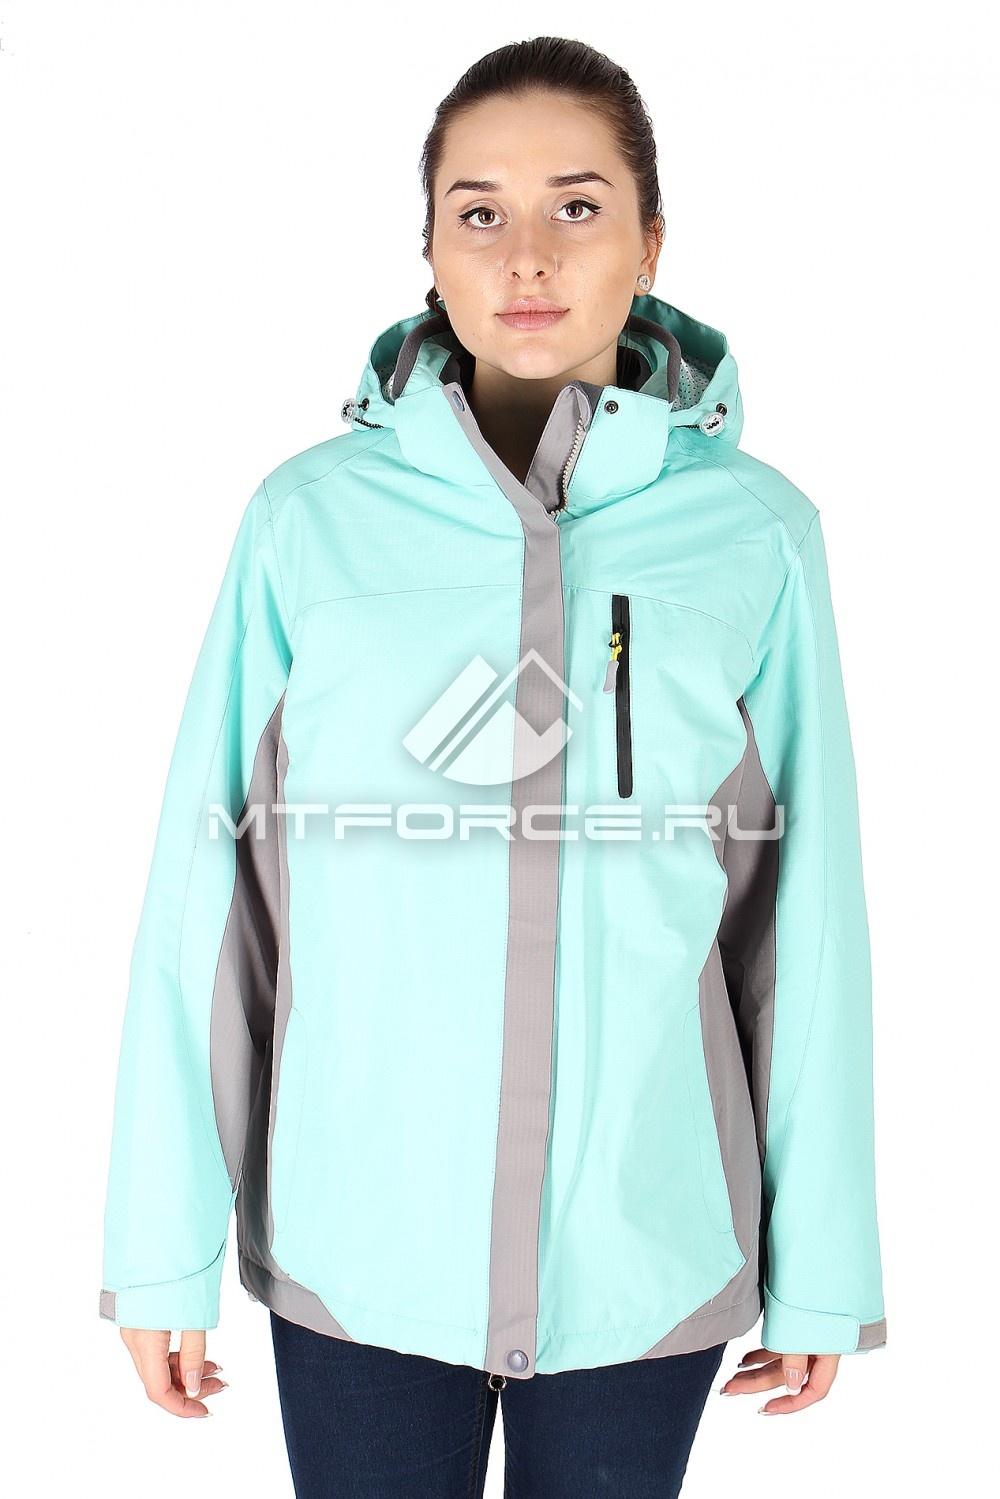 Купить оптом Куртка спортивная женская батал бирюзового цвета 626Br